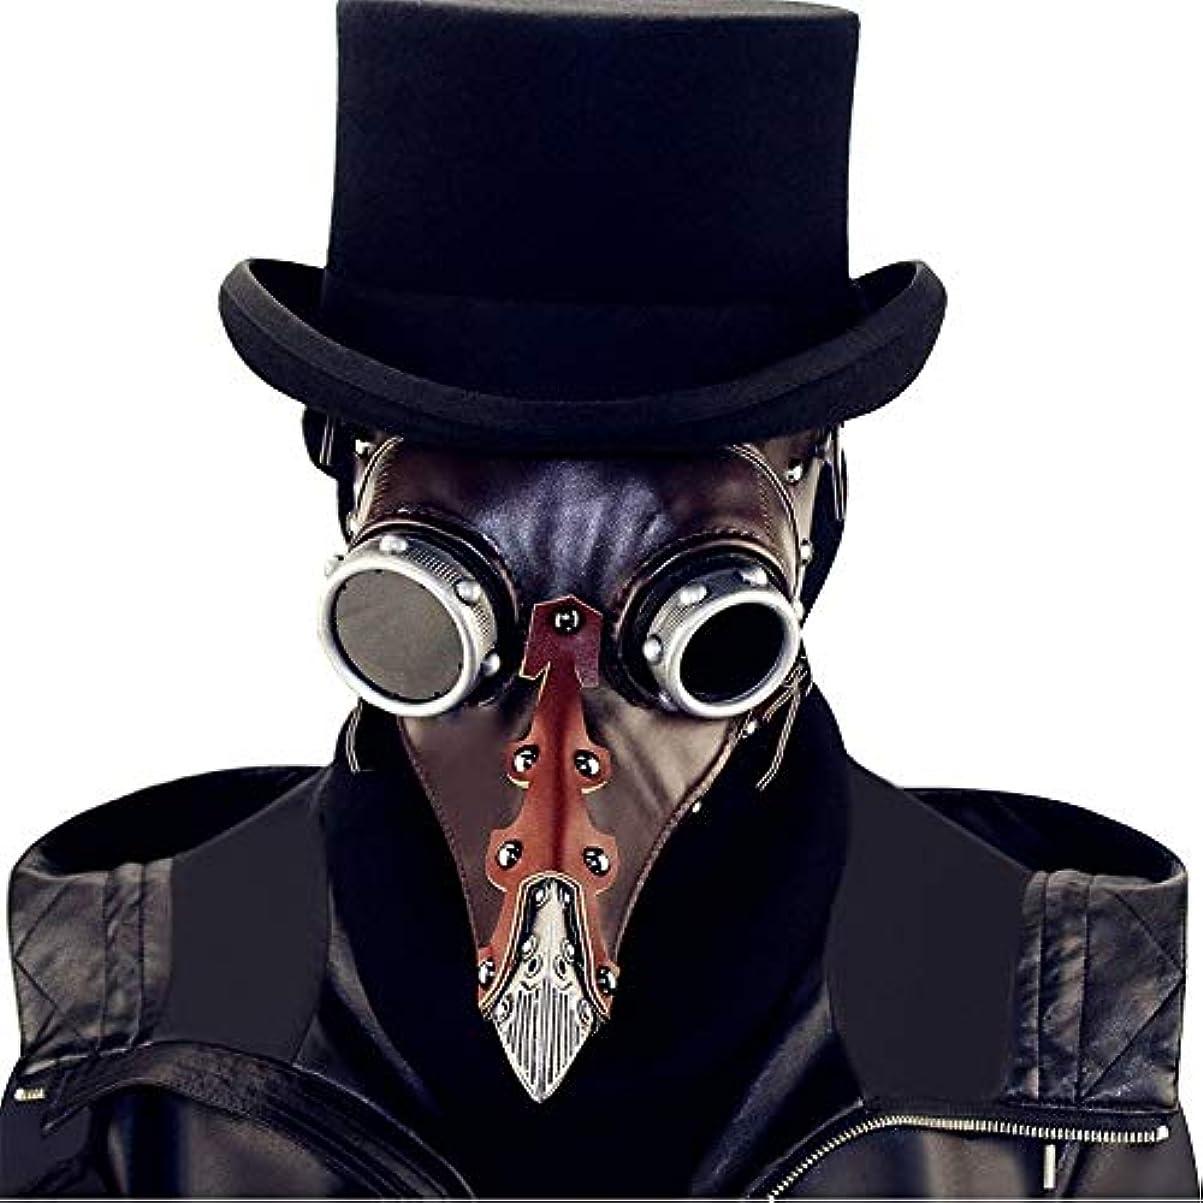 実験をするリレー背の高いスチームパンクなハロウィーンペストビークドクターマスク